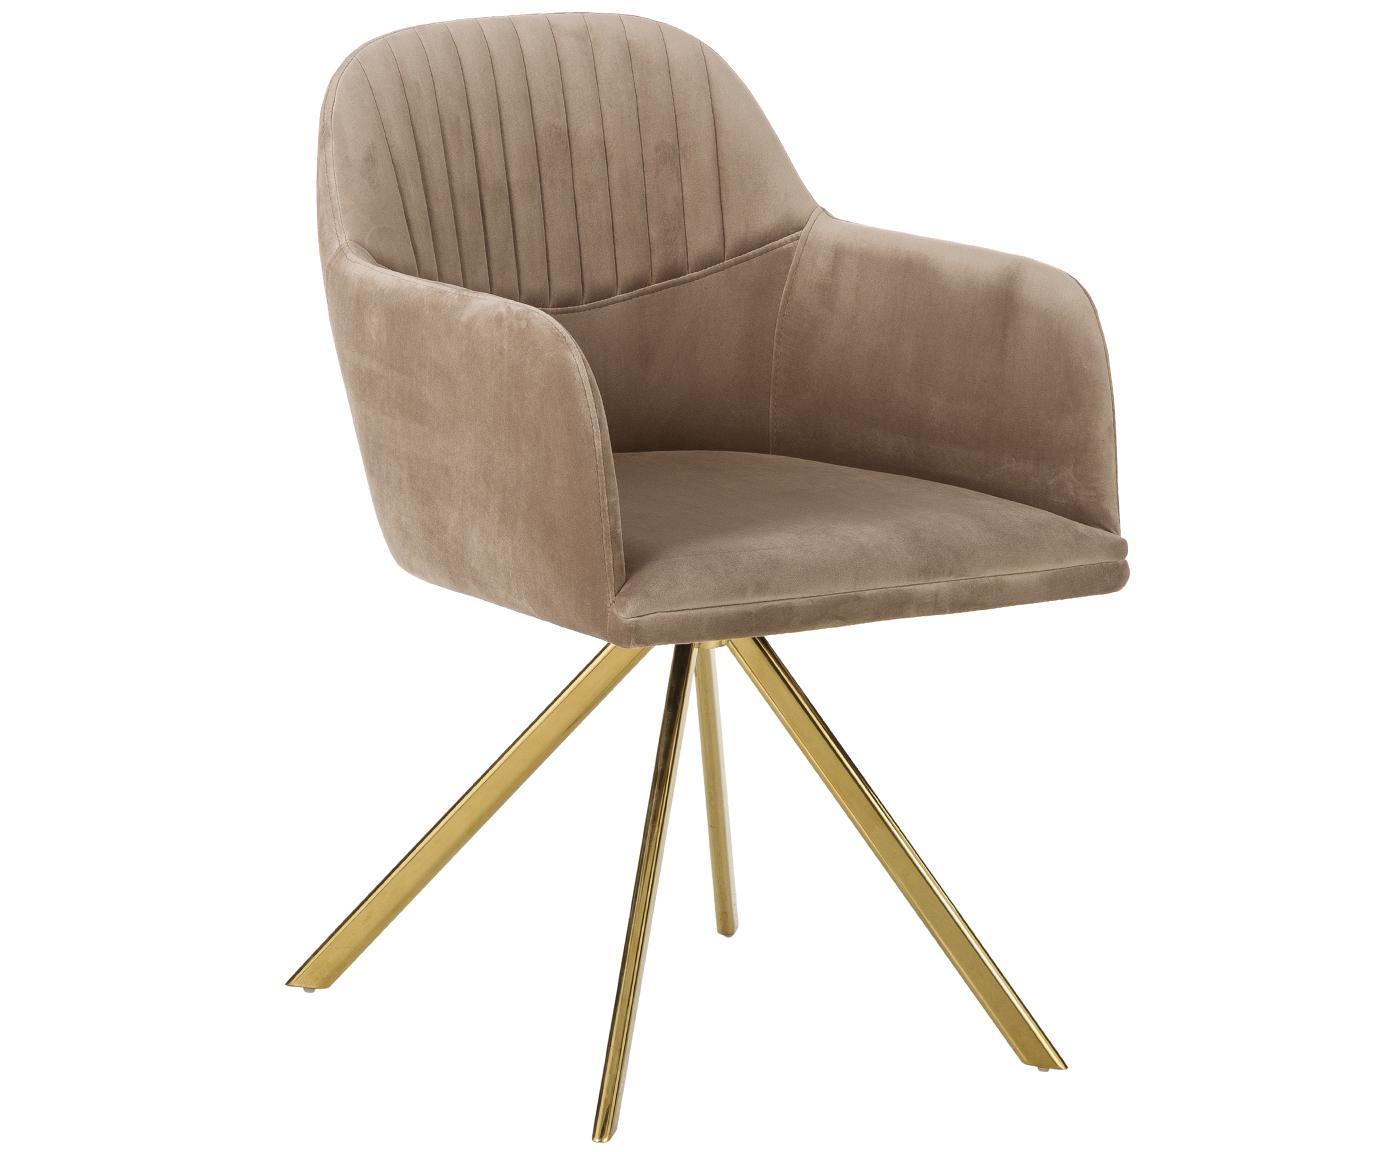 Krzesło obrotowe z aksamitu Lola, Tapicerka: aksamit (100% poliester) , Nogi: metal galwanizowany, Aksamitny jasny brązowy, nogi złoty, S 55 x G 52 cm